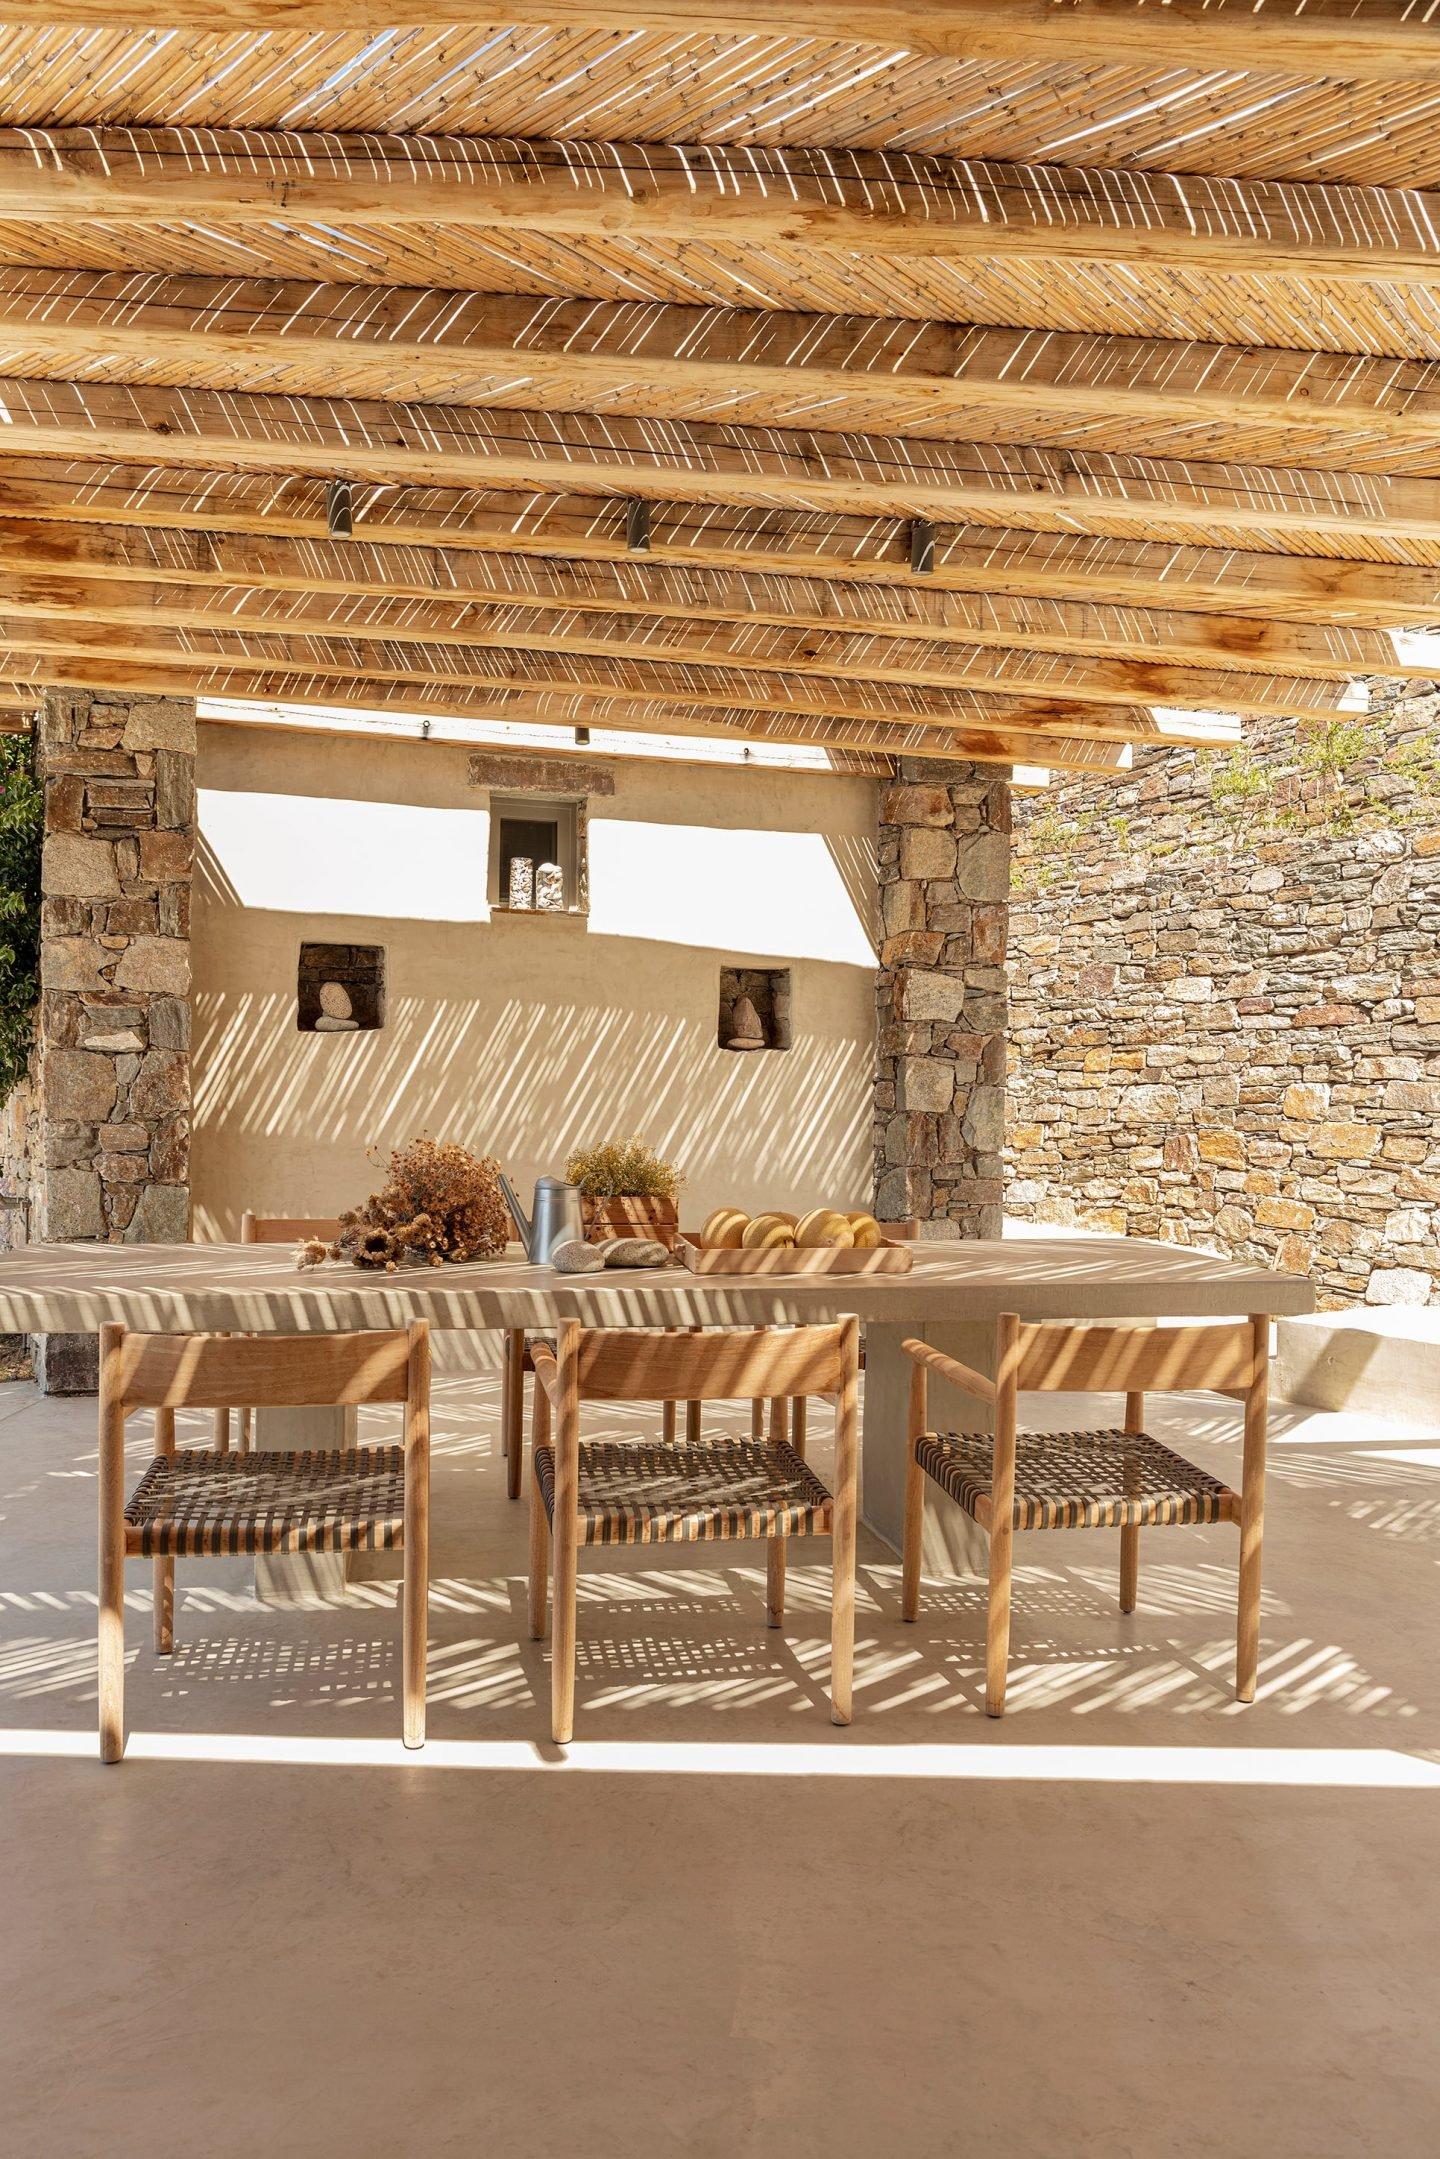 IGNANT-Architecture-SinasArchitects-XerolithiHouse-12